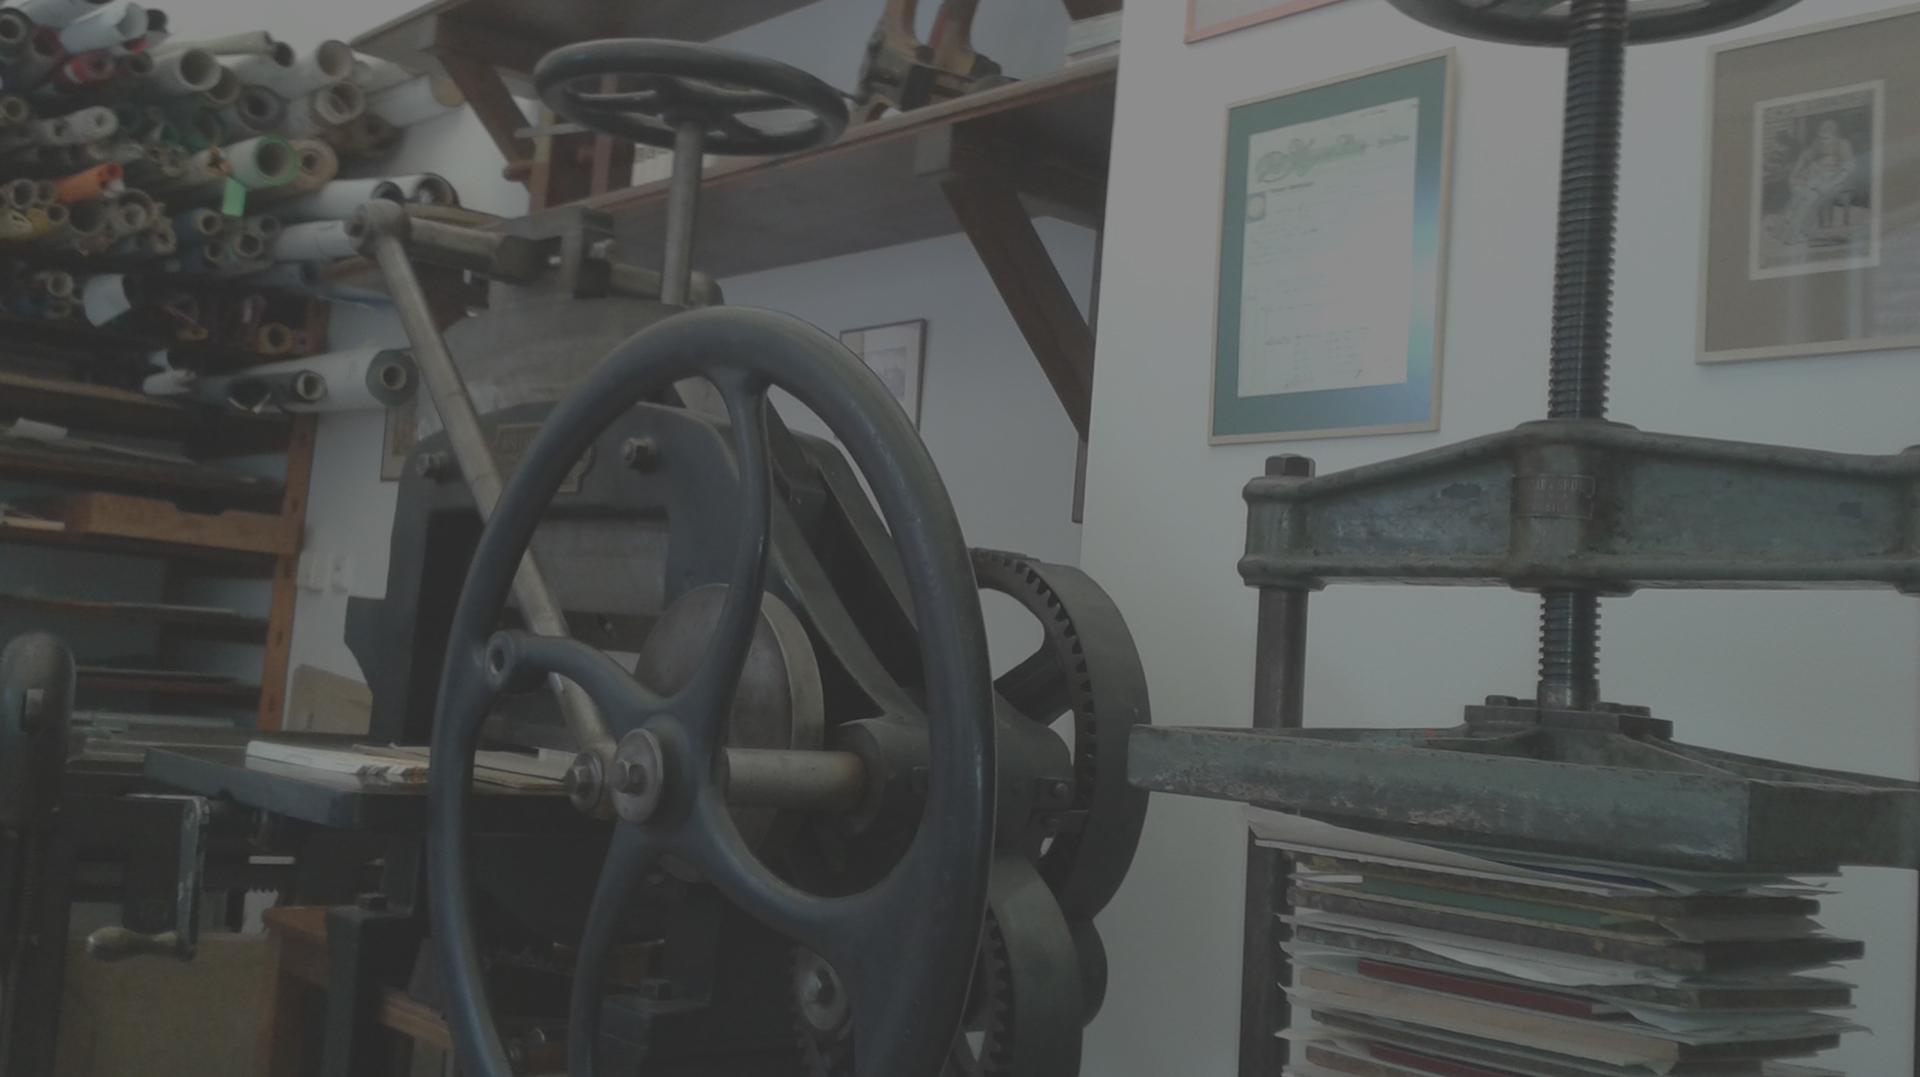 Knihvazačská dílna - knihařské stroje a nástroje